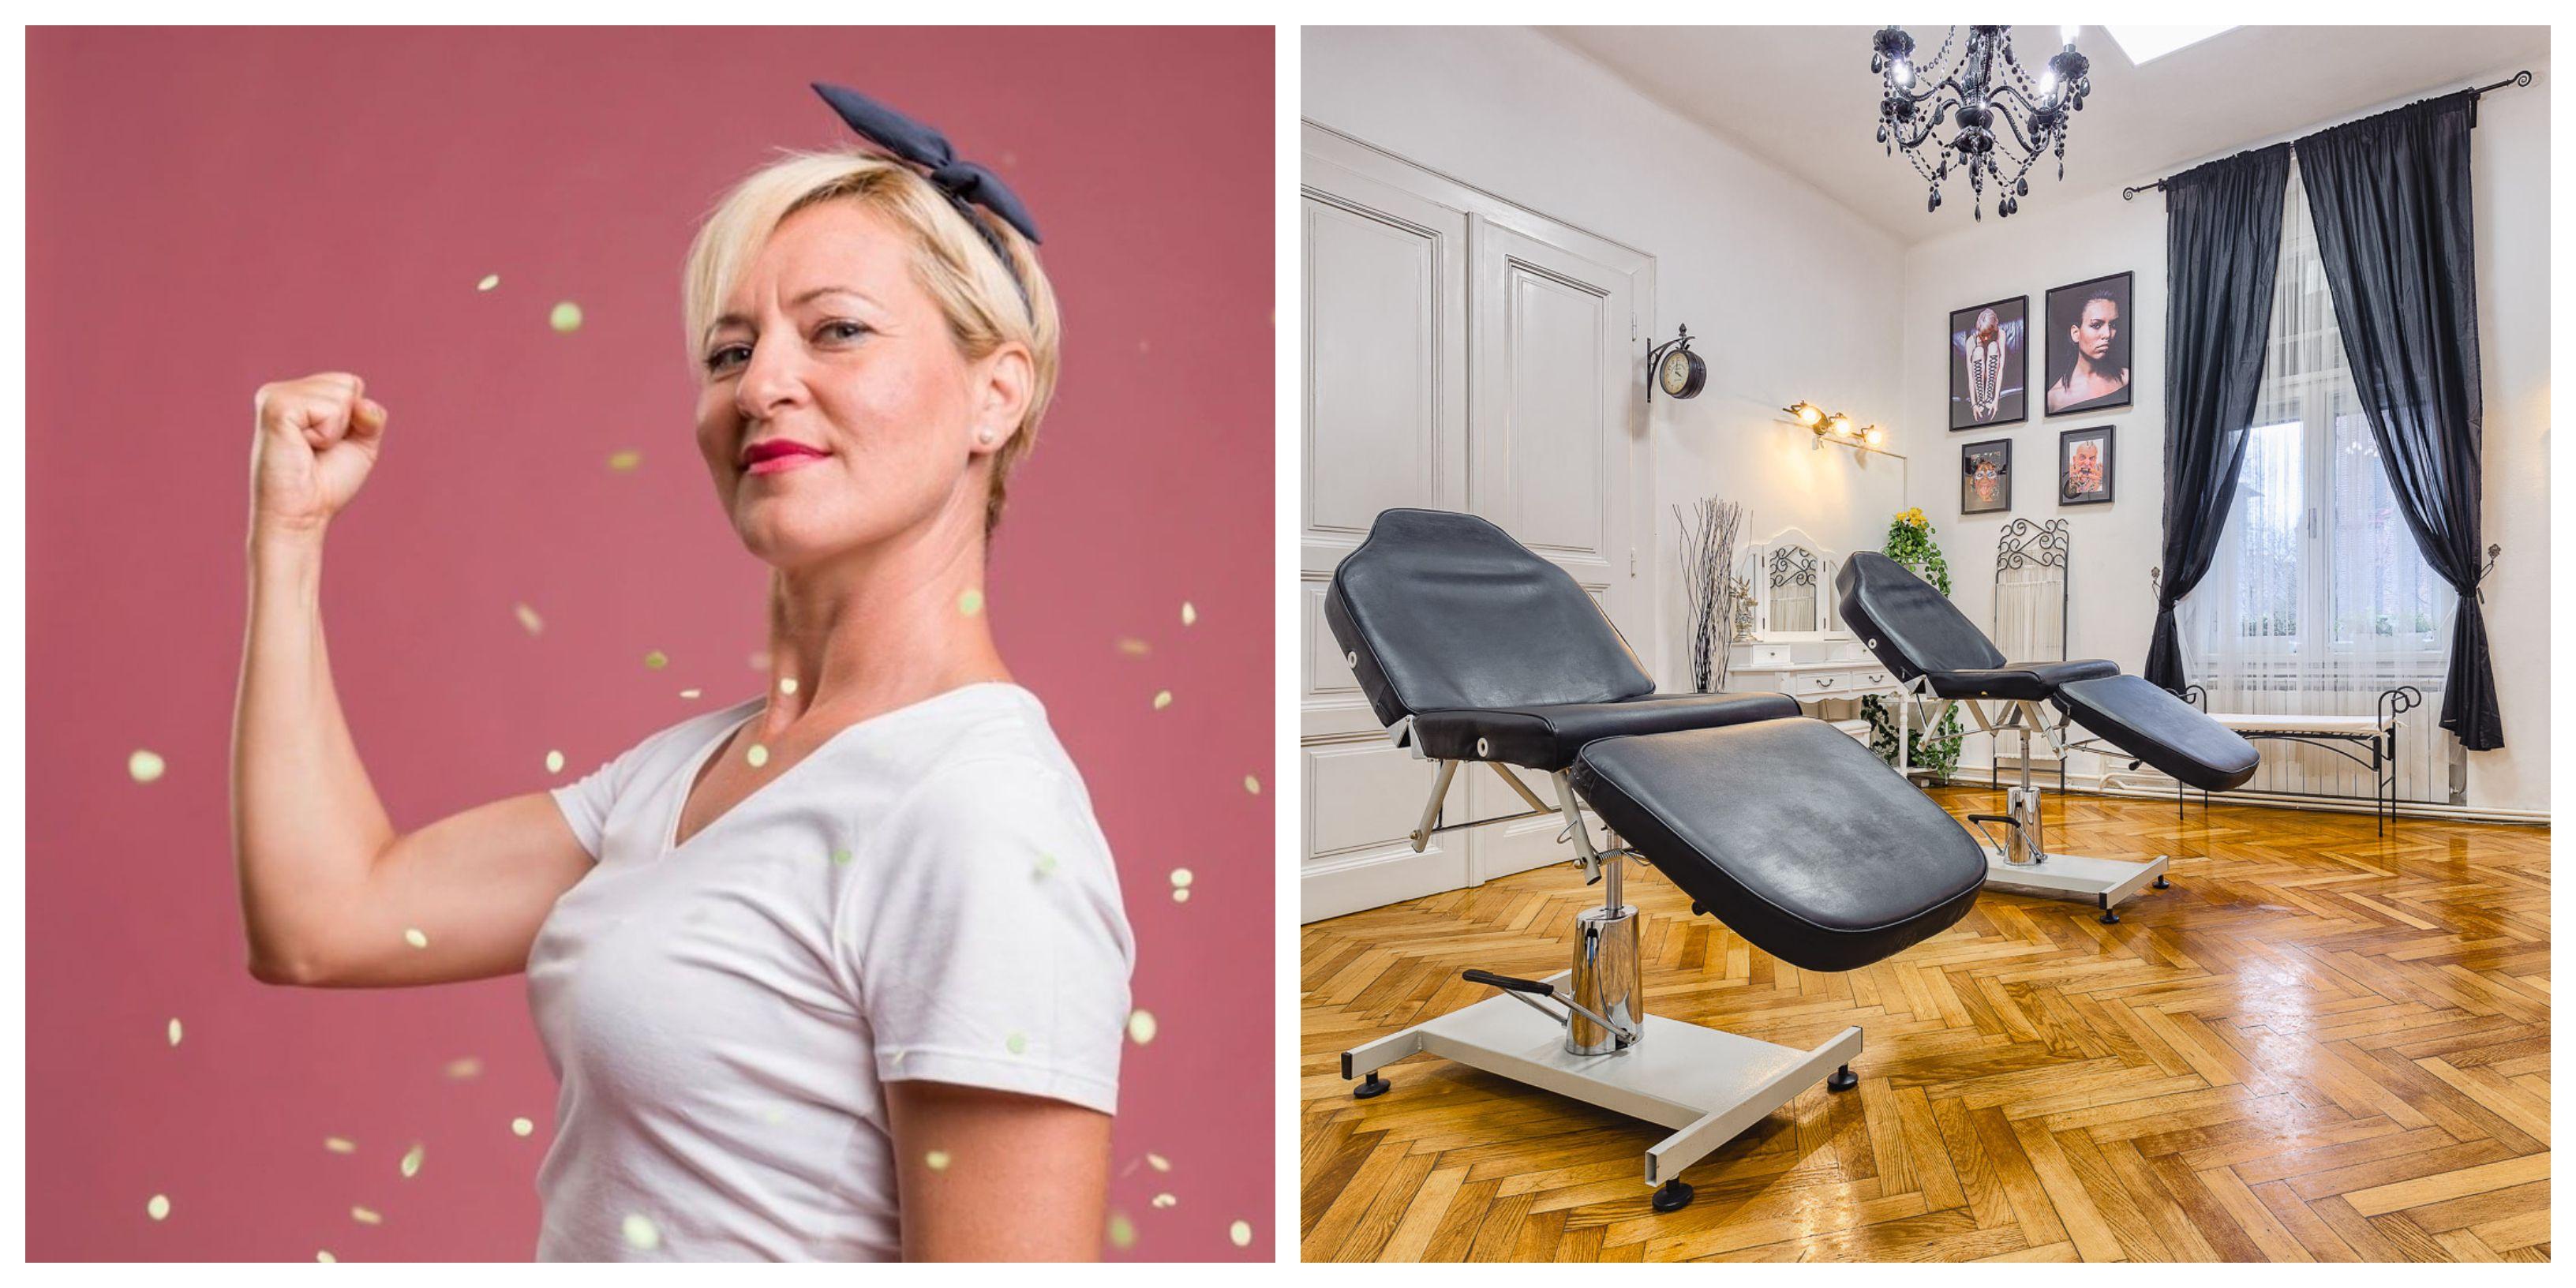 Zagrebački tattoo studio daruje besplatno kozmetičko tetoviranje ženama kojima su odstranjene bradavice